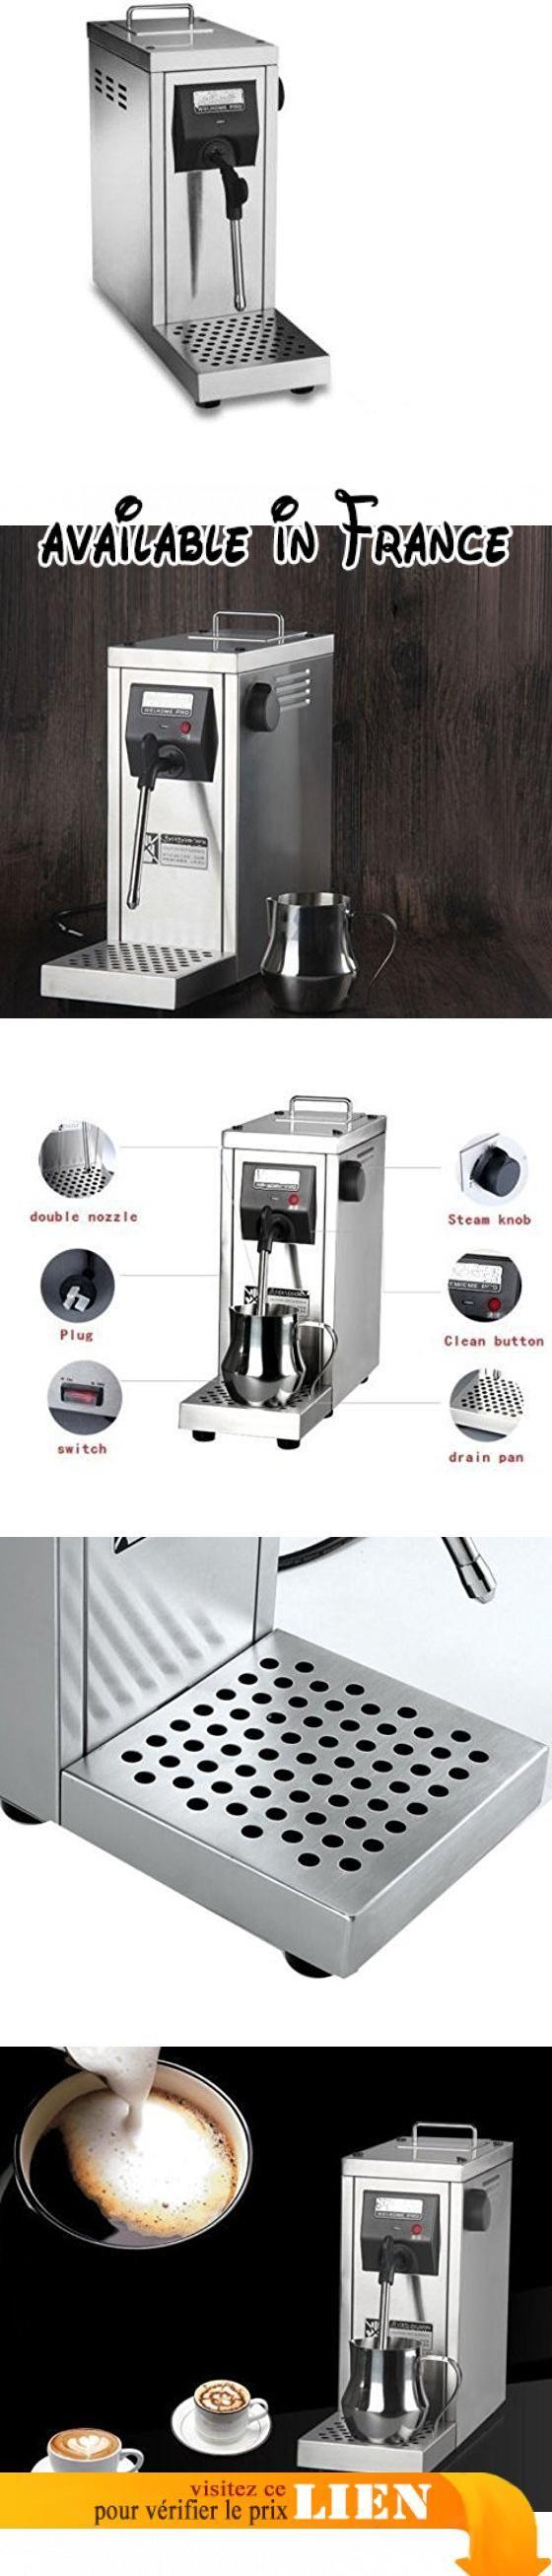 Professional Auto Café mousseur à lait cuiseur vapeur machine à espresso Cappuccino Latte Cafetière l'eau bouillante machine 220–240V. Voltage: AC 220-240V/50Hz. Puissance: 1450W. Capacité du réservoir d'eau: 1800ml. Pression: Lift n 'Lock TM. Poids: environ. 6.7kg #BISS Basic #FOOD_SERVICE_SUPPLY